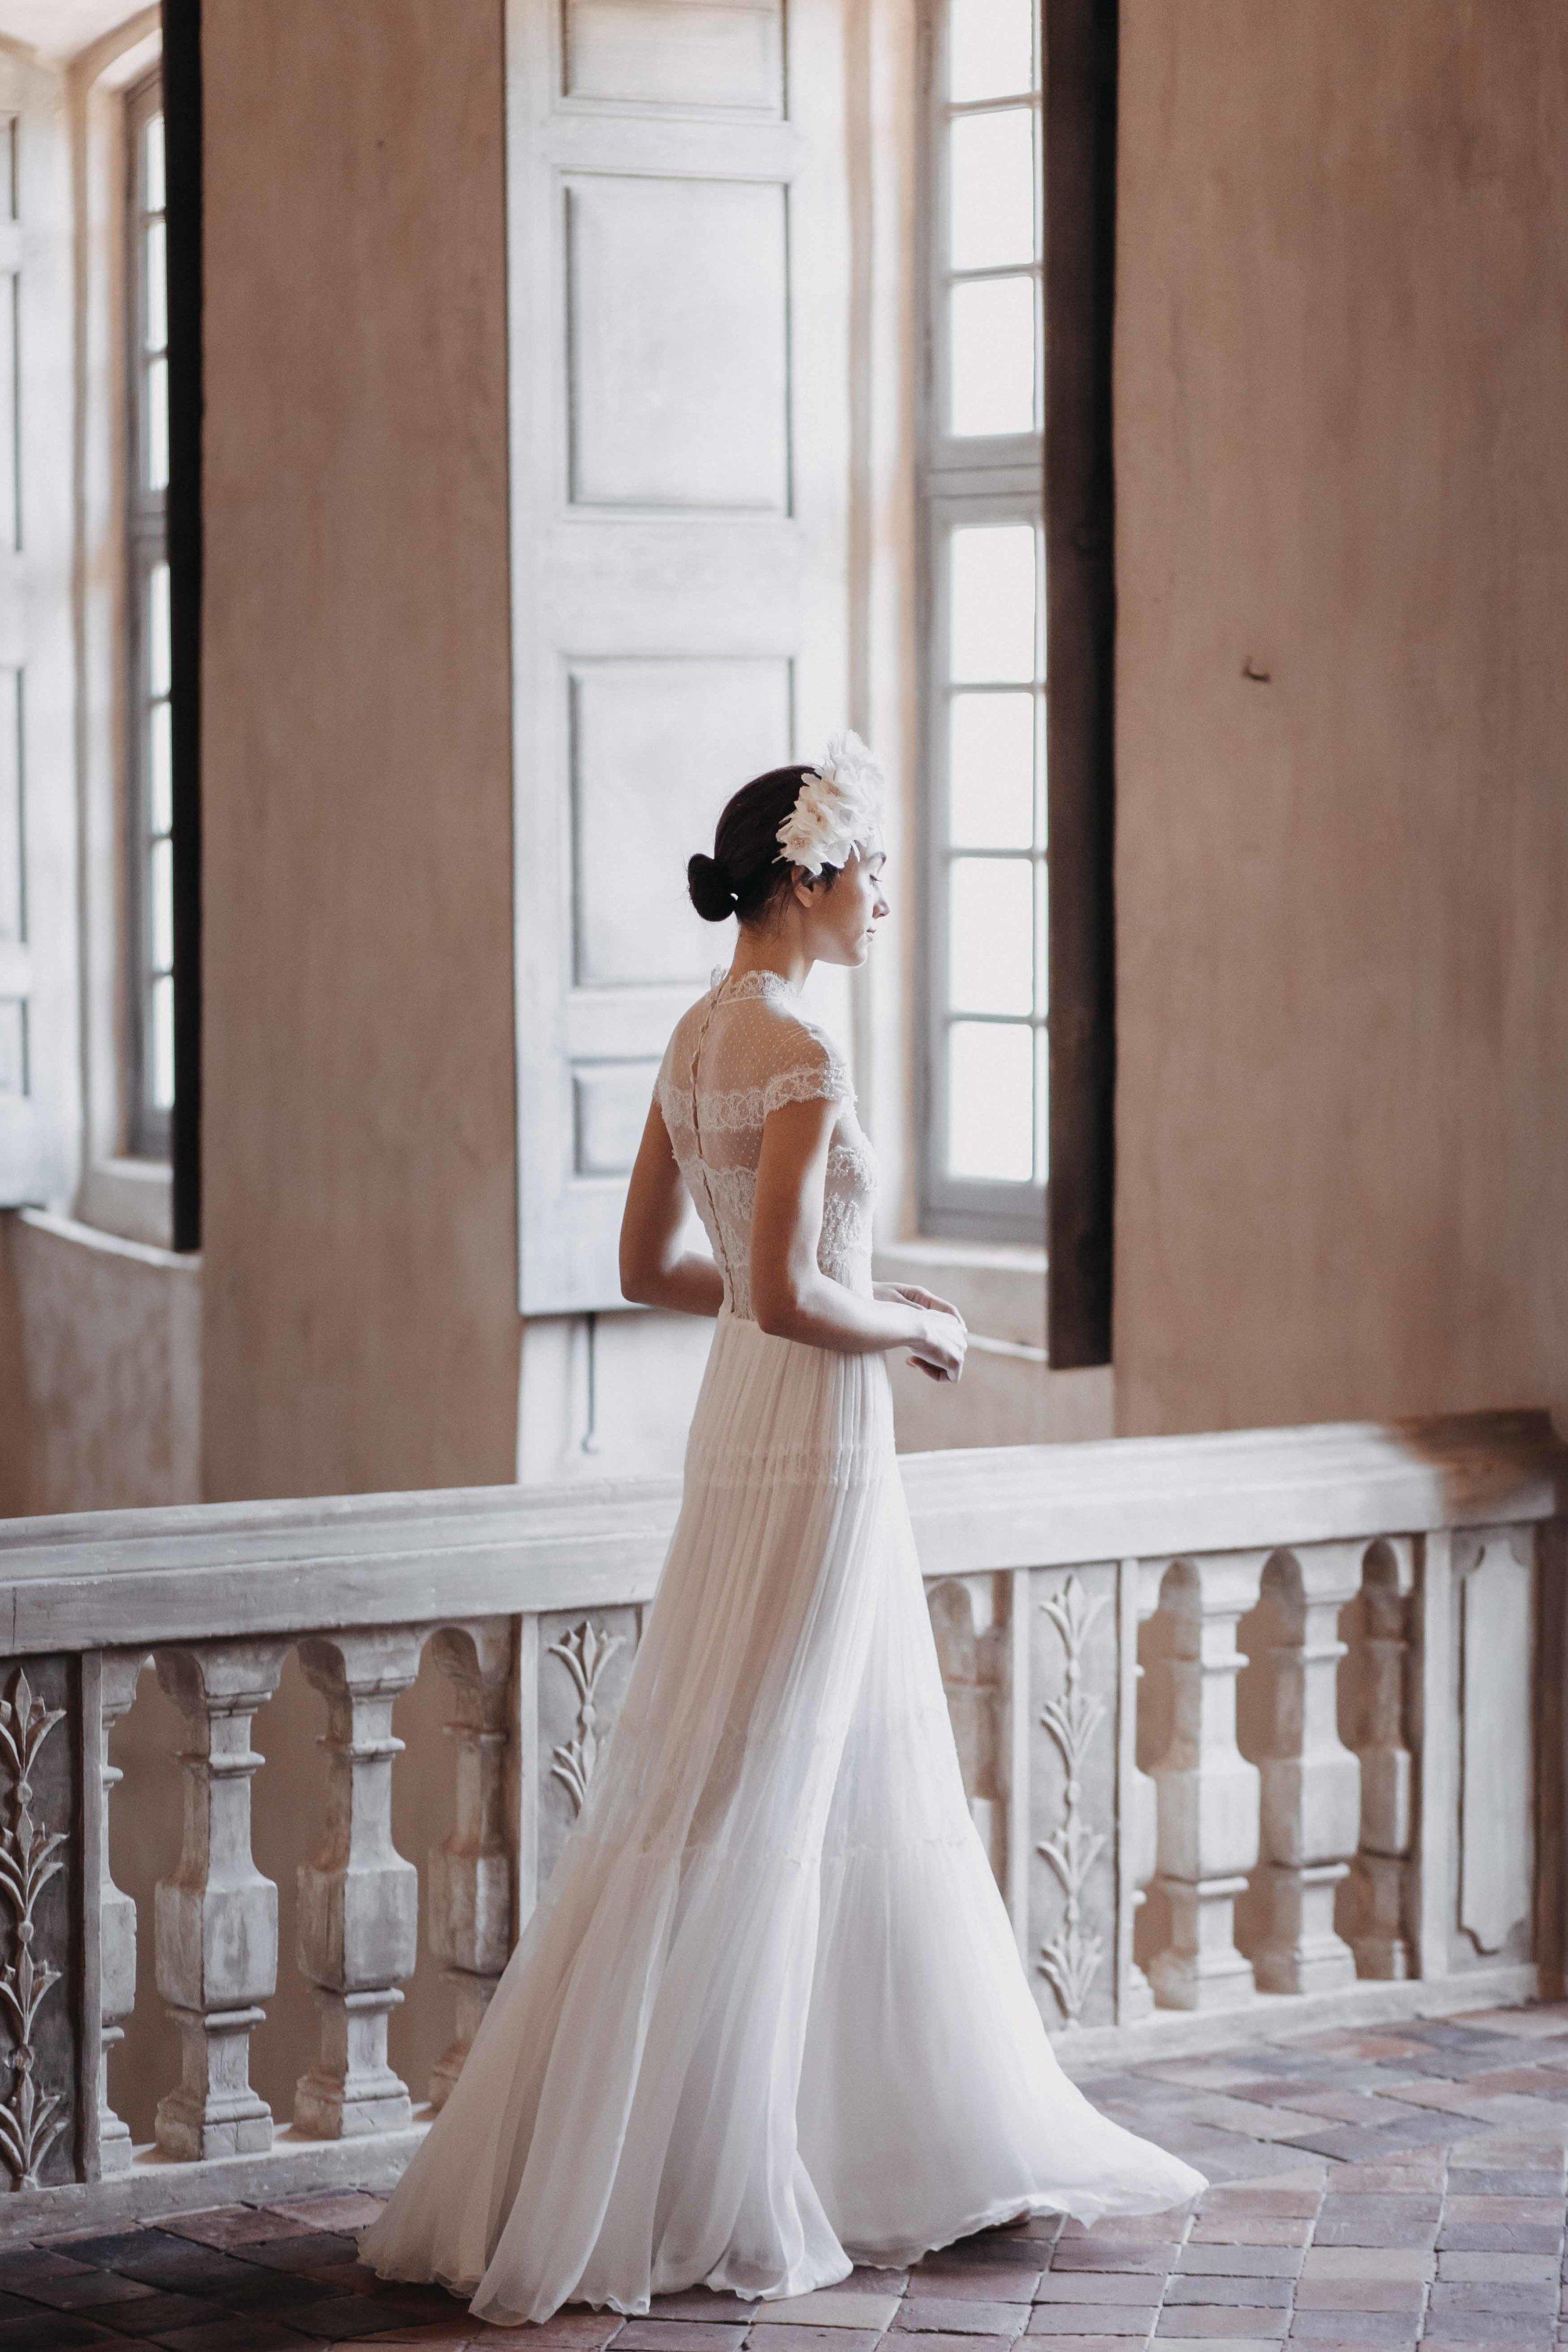 Uma dress atm 2.jpg